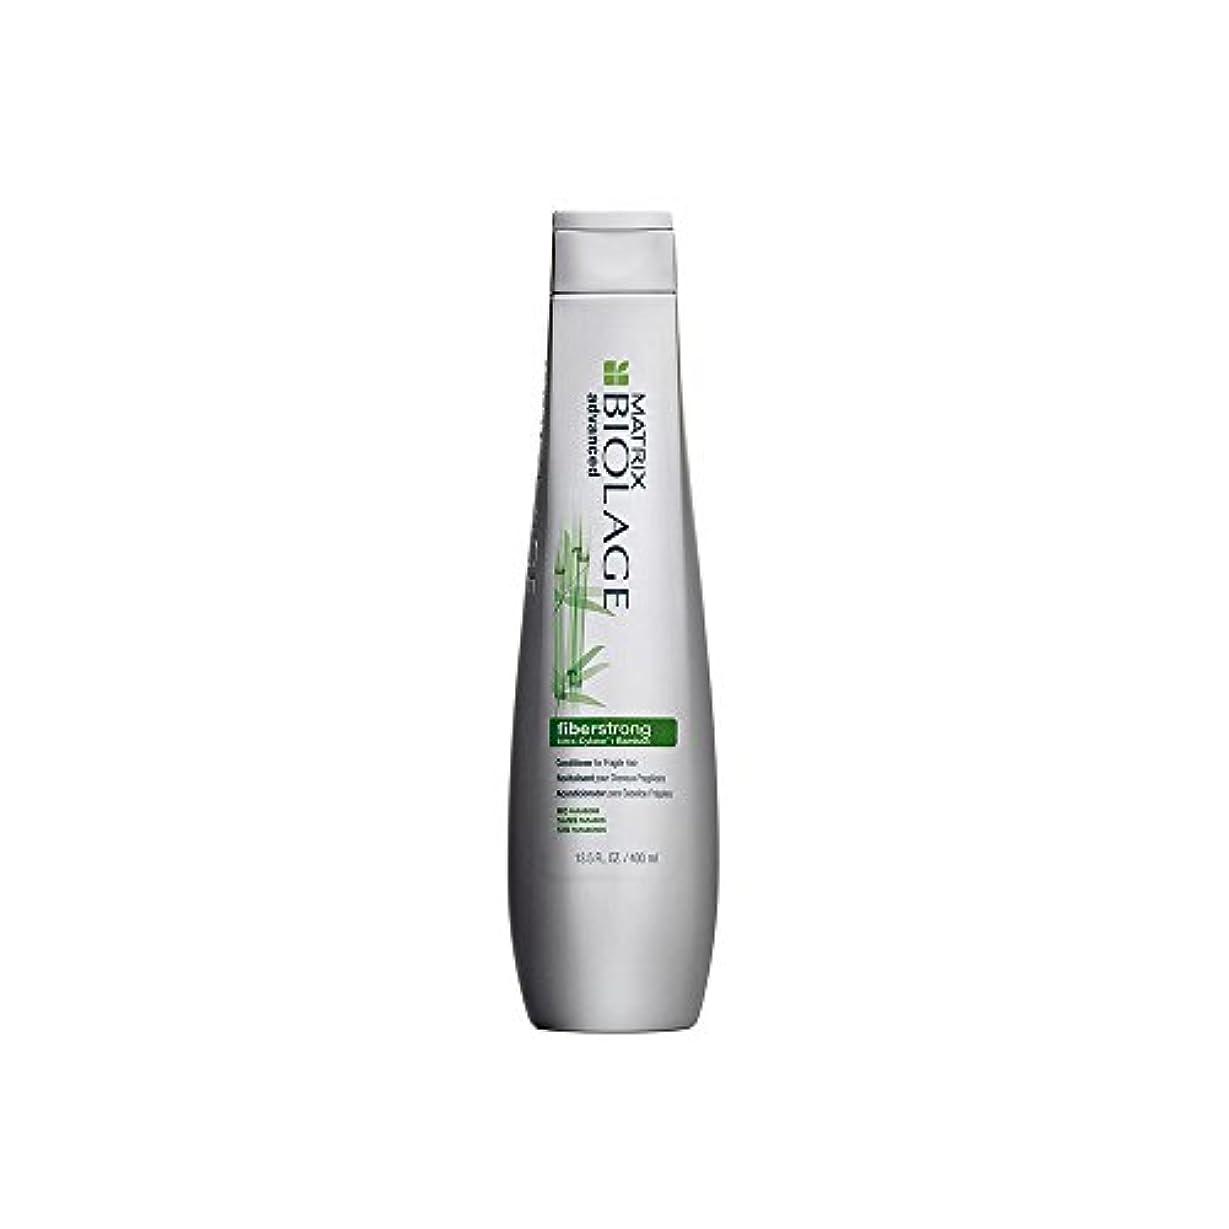 巻き戻すジュース凶暴なマトリックス Biolage Advanced FiberStrong Conditioner (For Fragile Hair) 1732272 400ml [海外直送品]